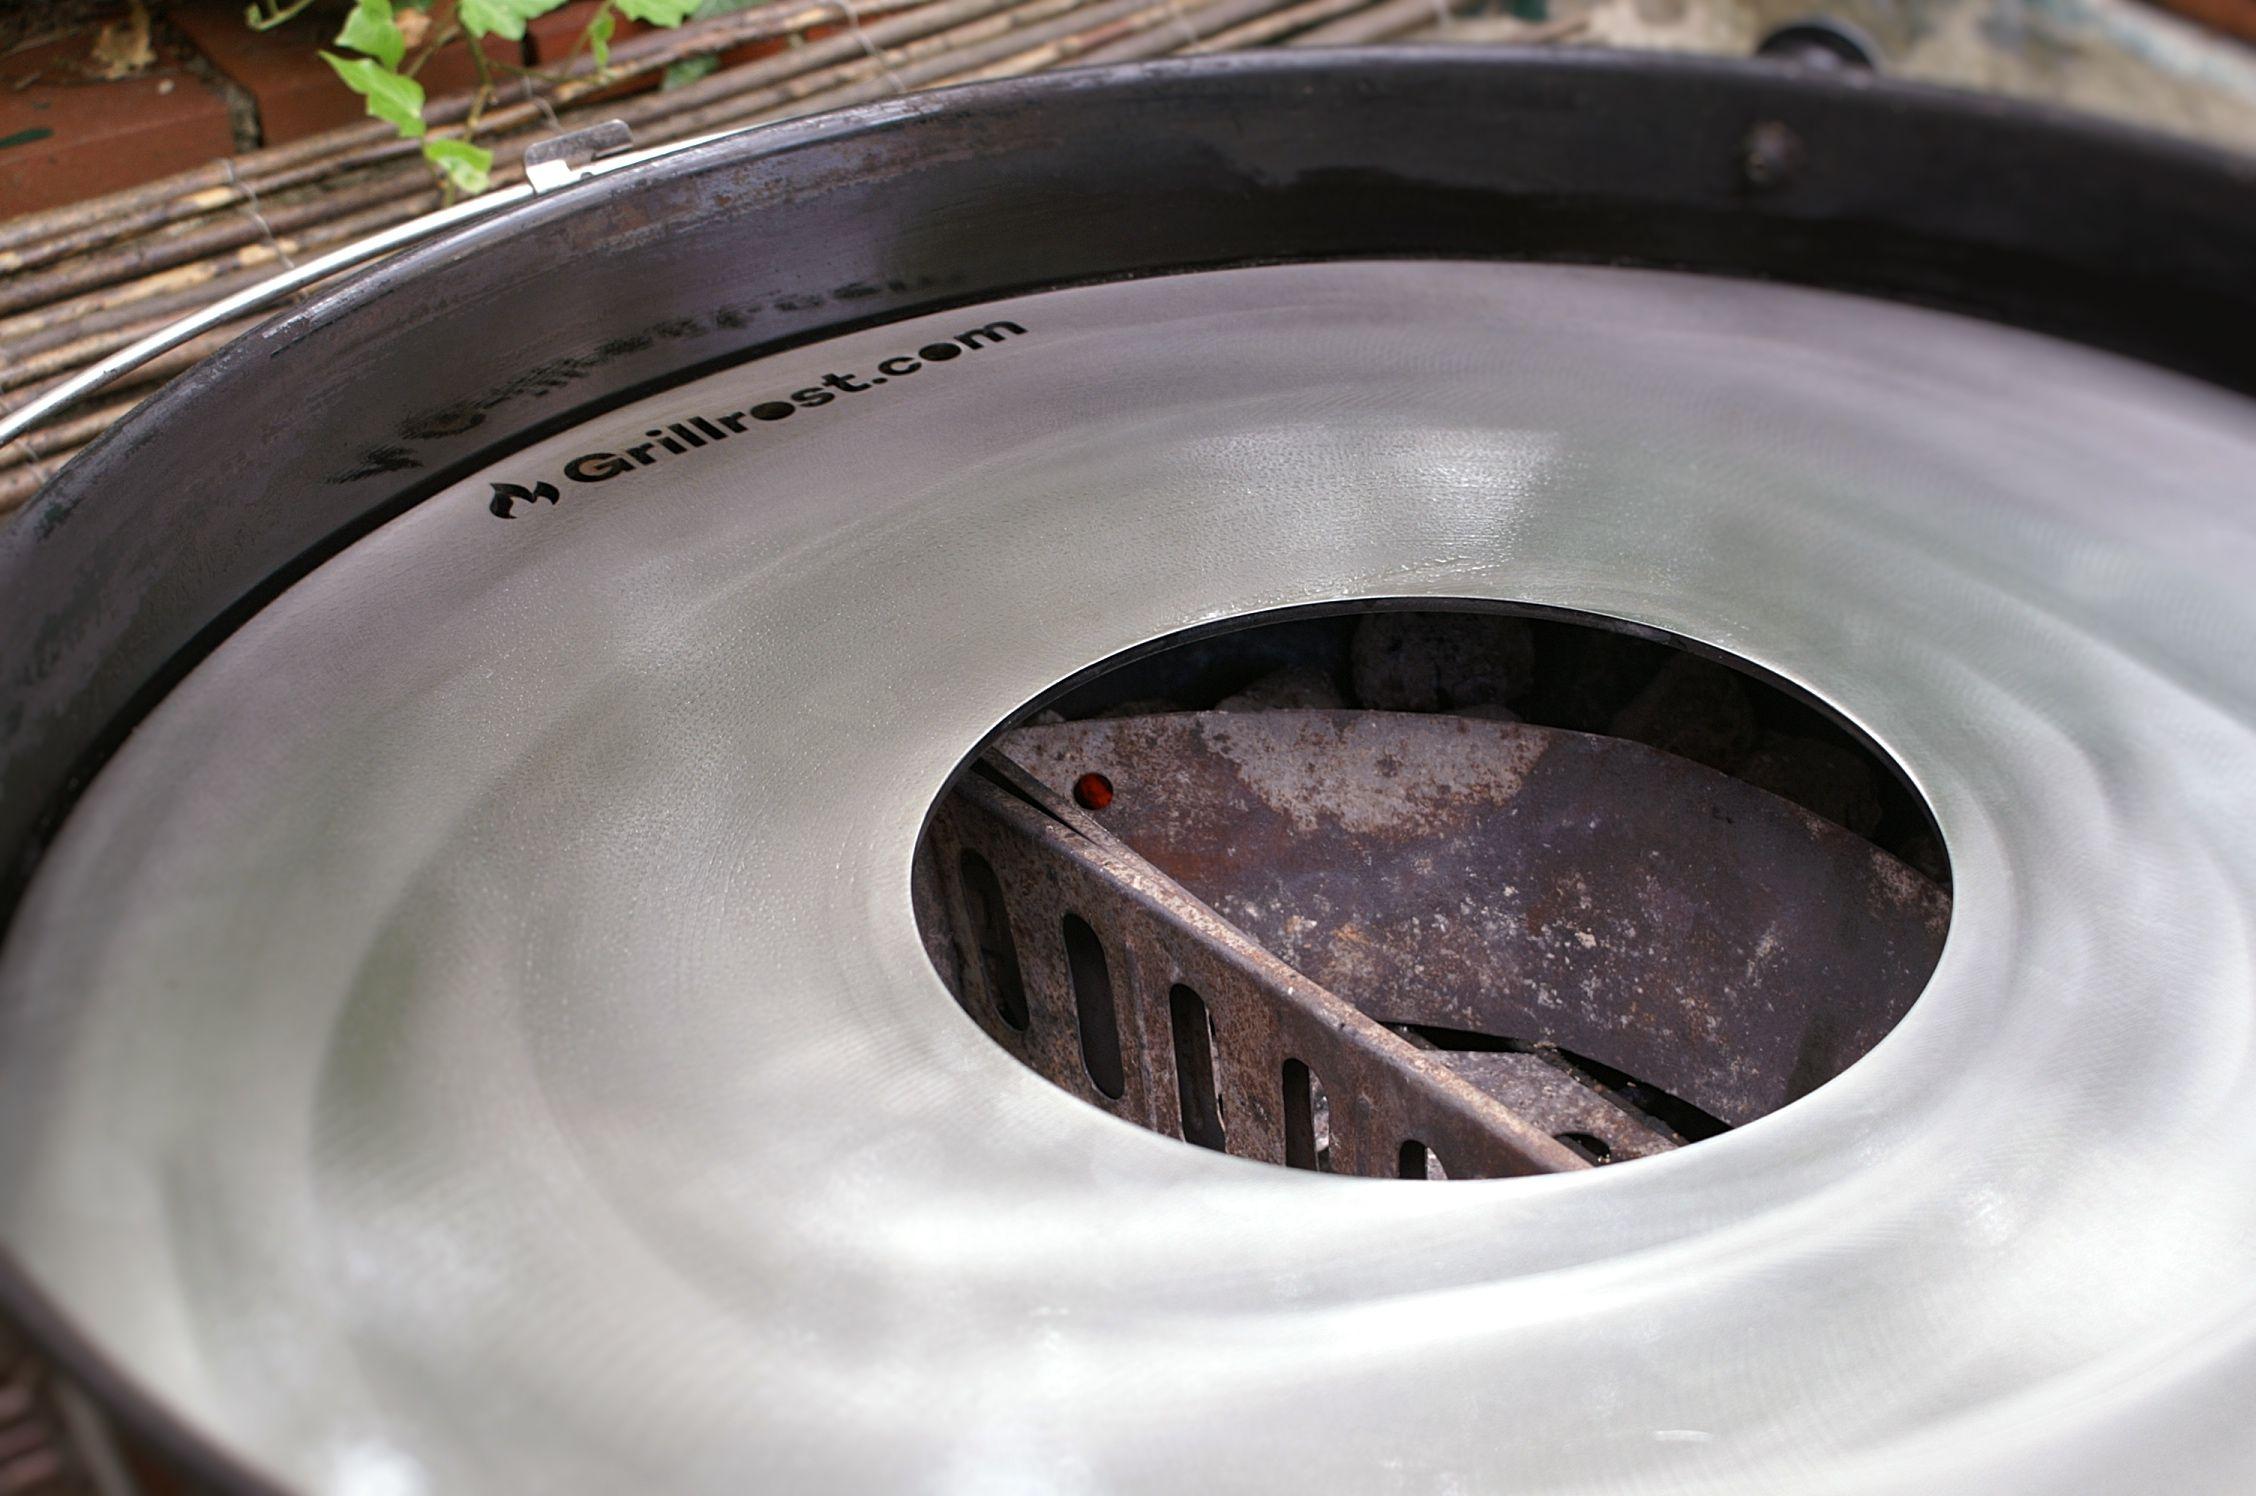 Weber Holzkohlegrill Einbrennen : Feuerplatte einbrennen die anleitung so wird es gemacht